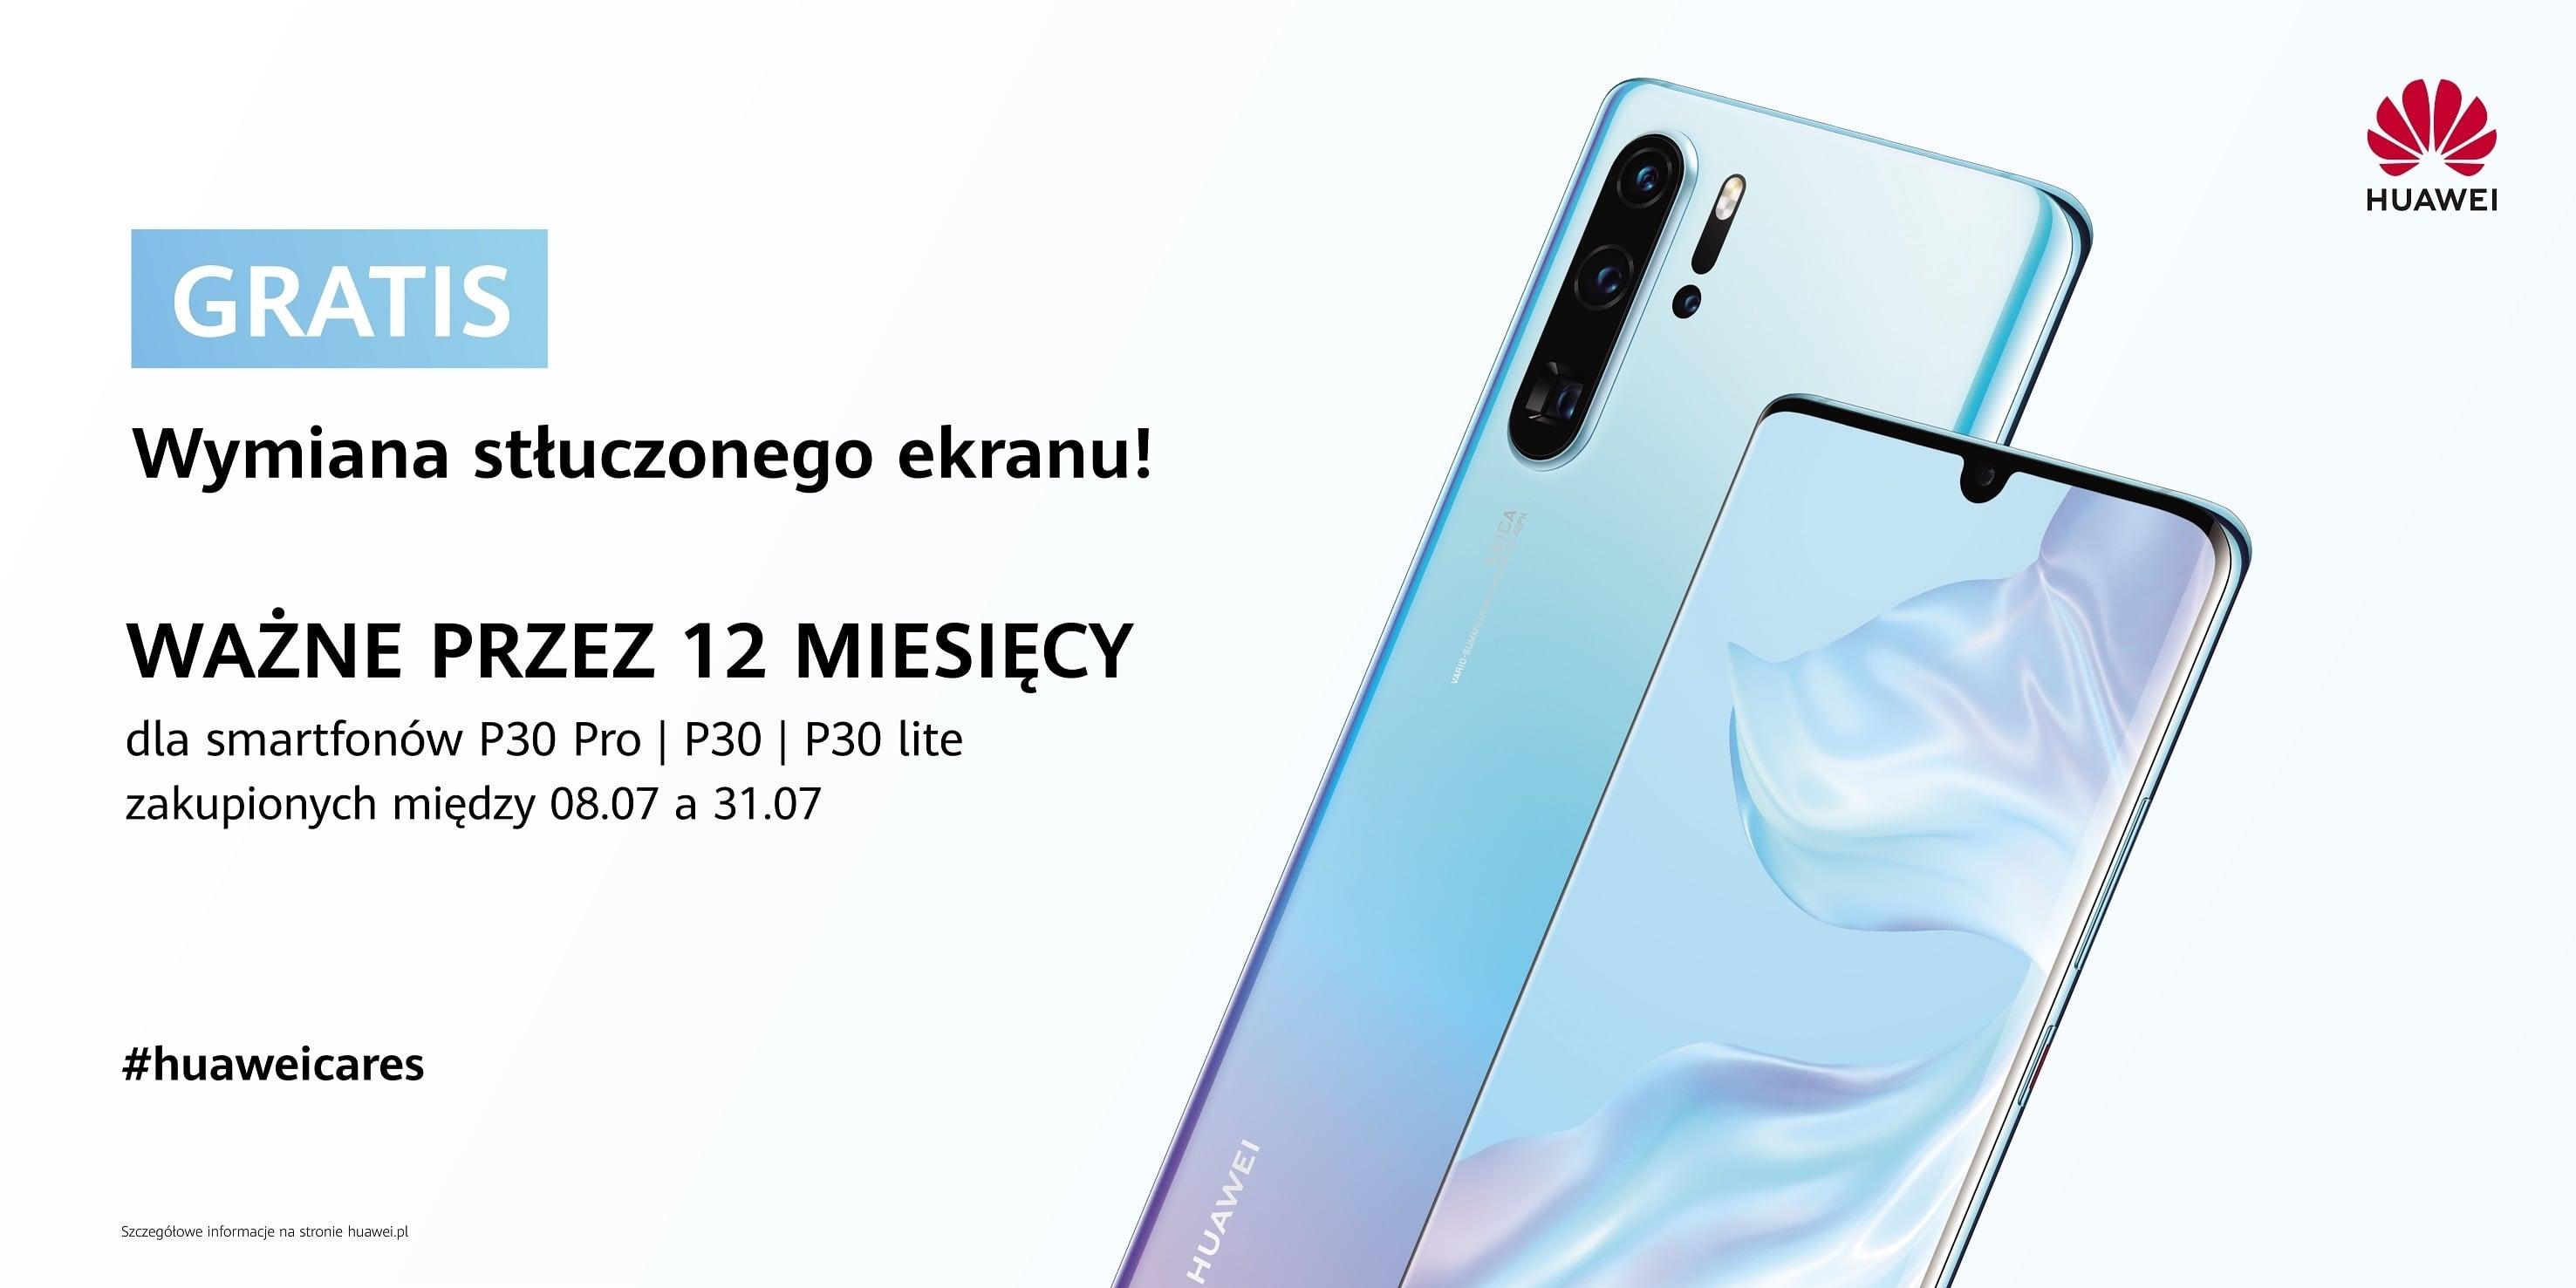 Zamierzasz kupić smartfon Huawei z serii P30 (w tym lite)? Dostaniesz roczną ochronę ekranu za darmo